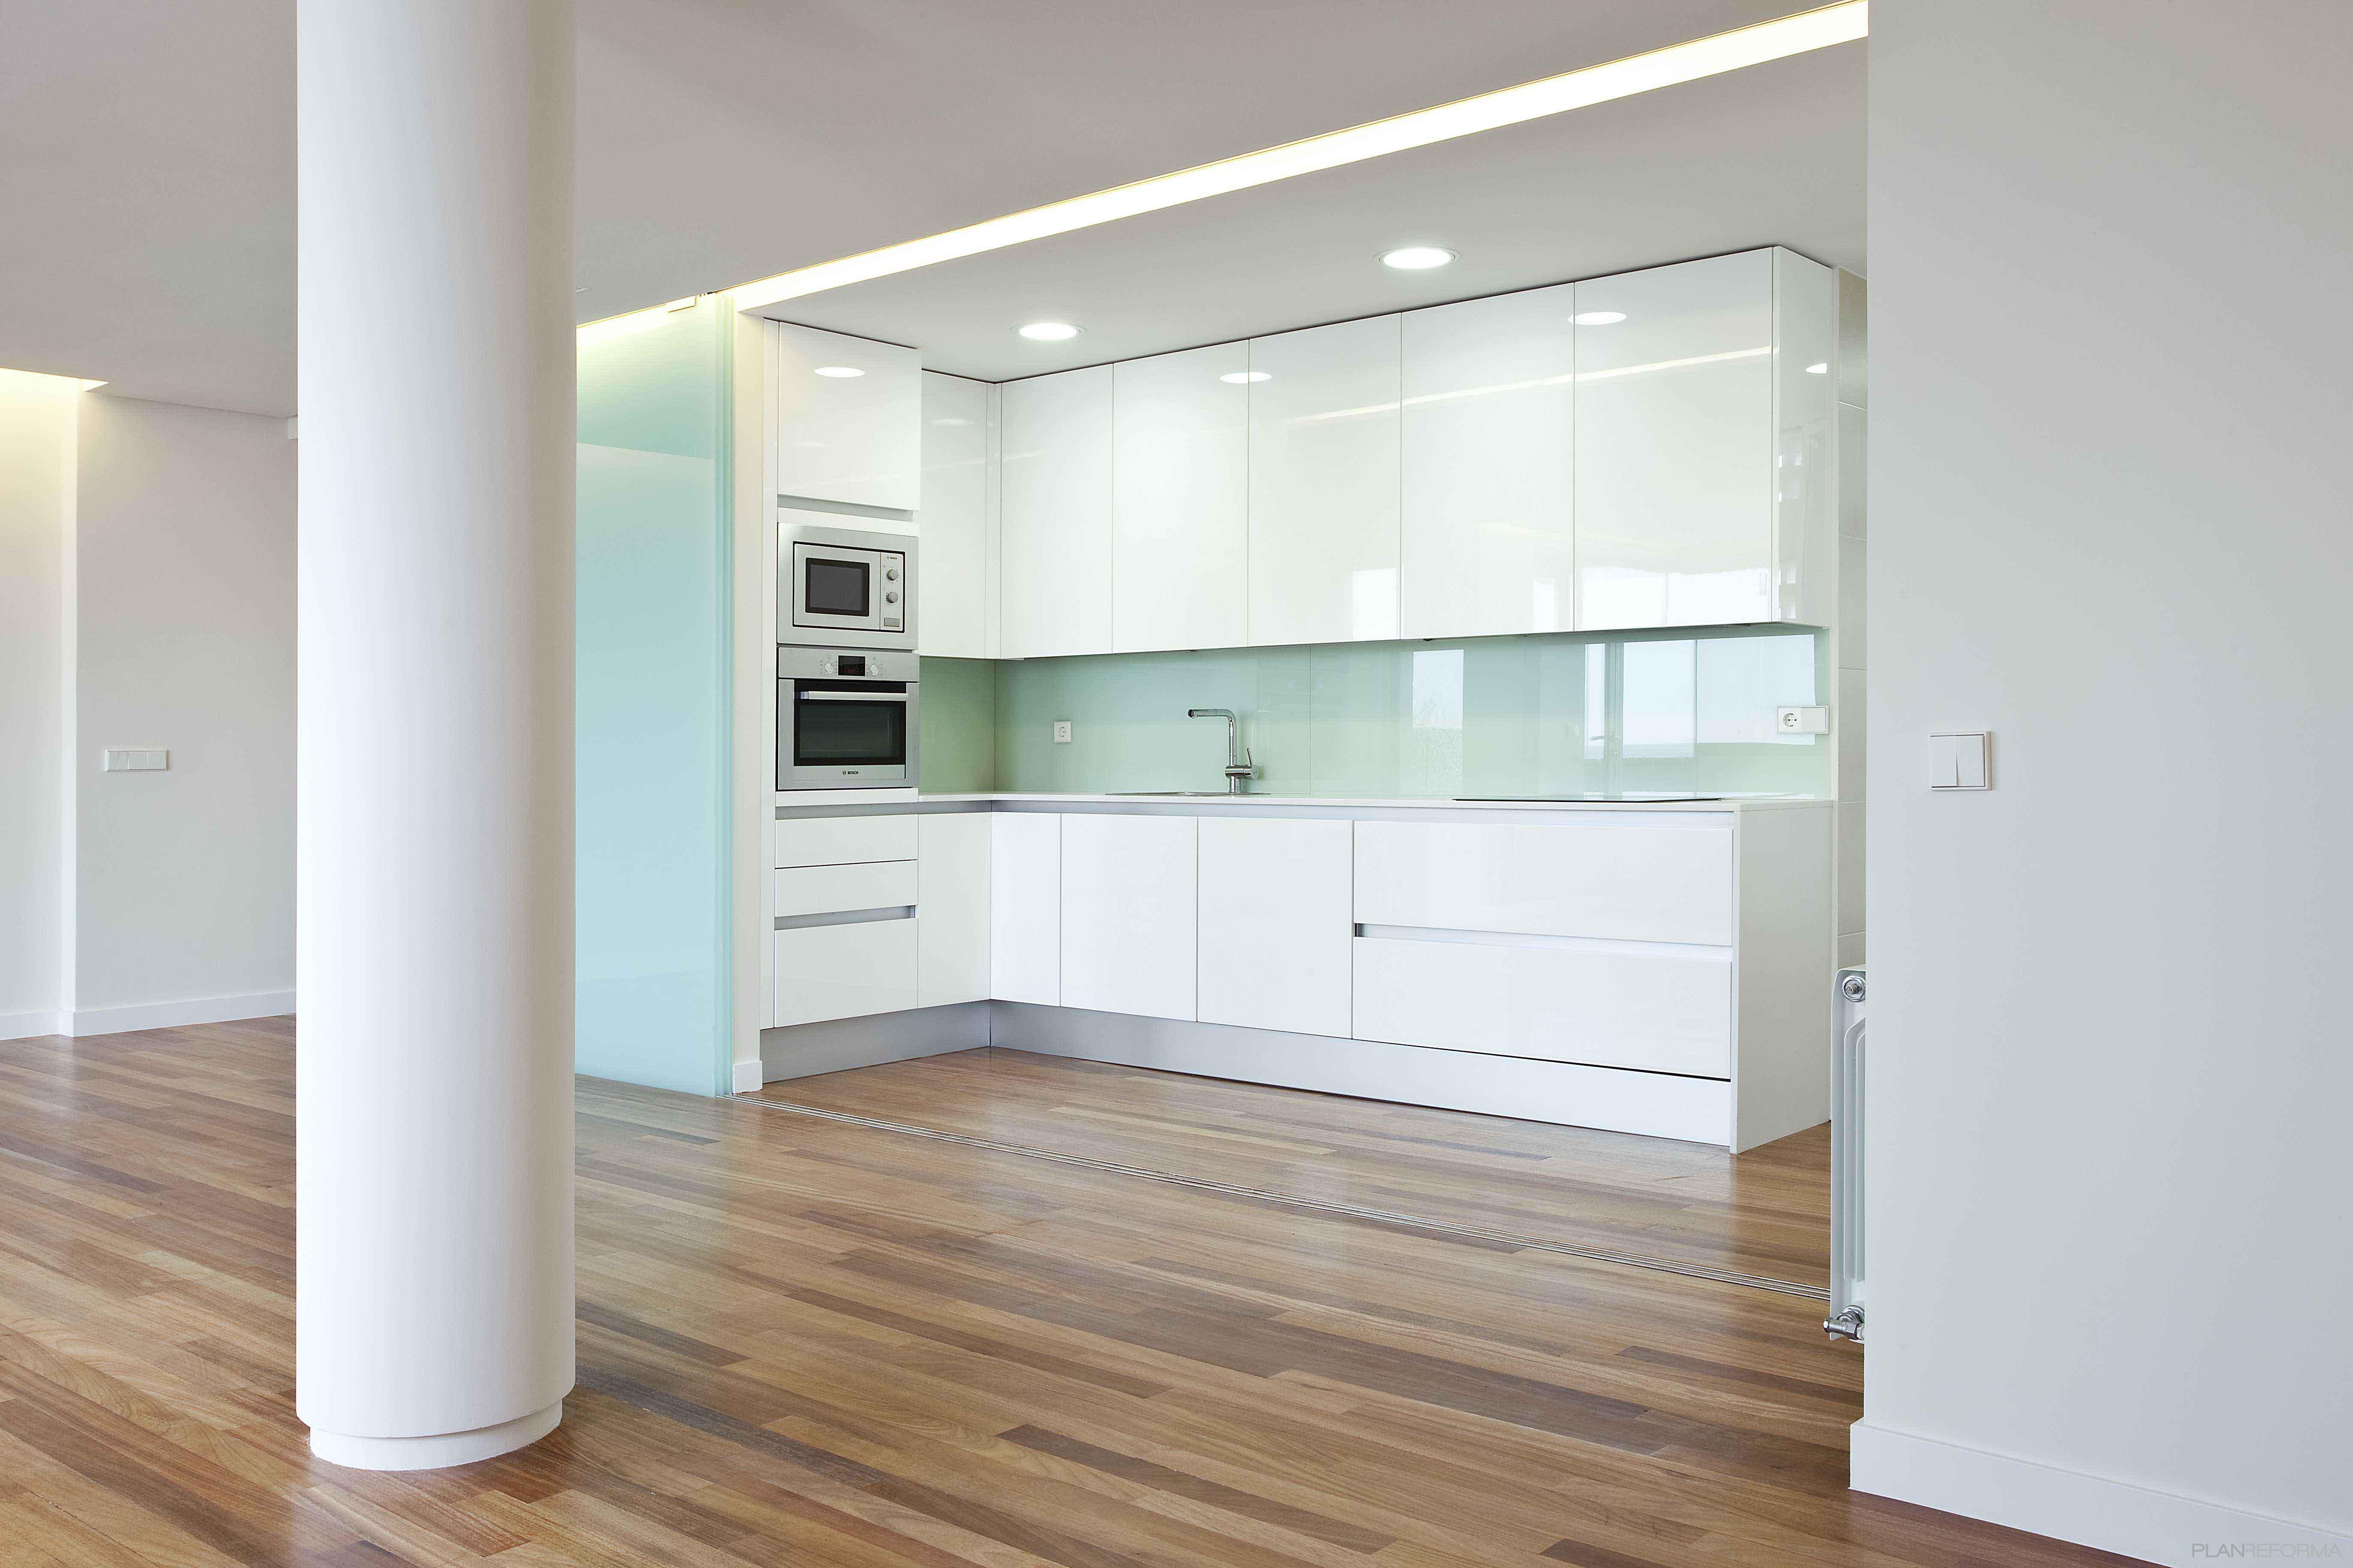 Comedor sala de la tv cocina style vanguardista color for Cielos de cocinas